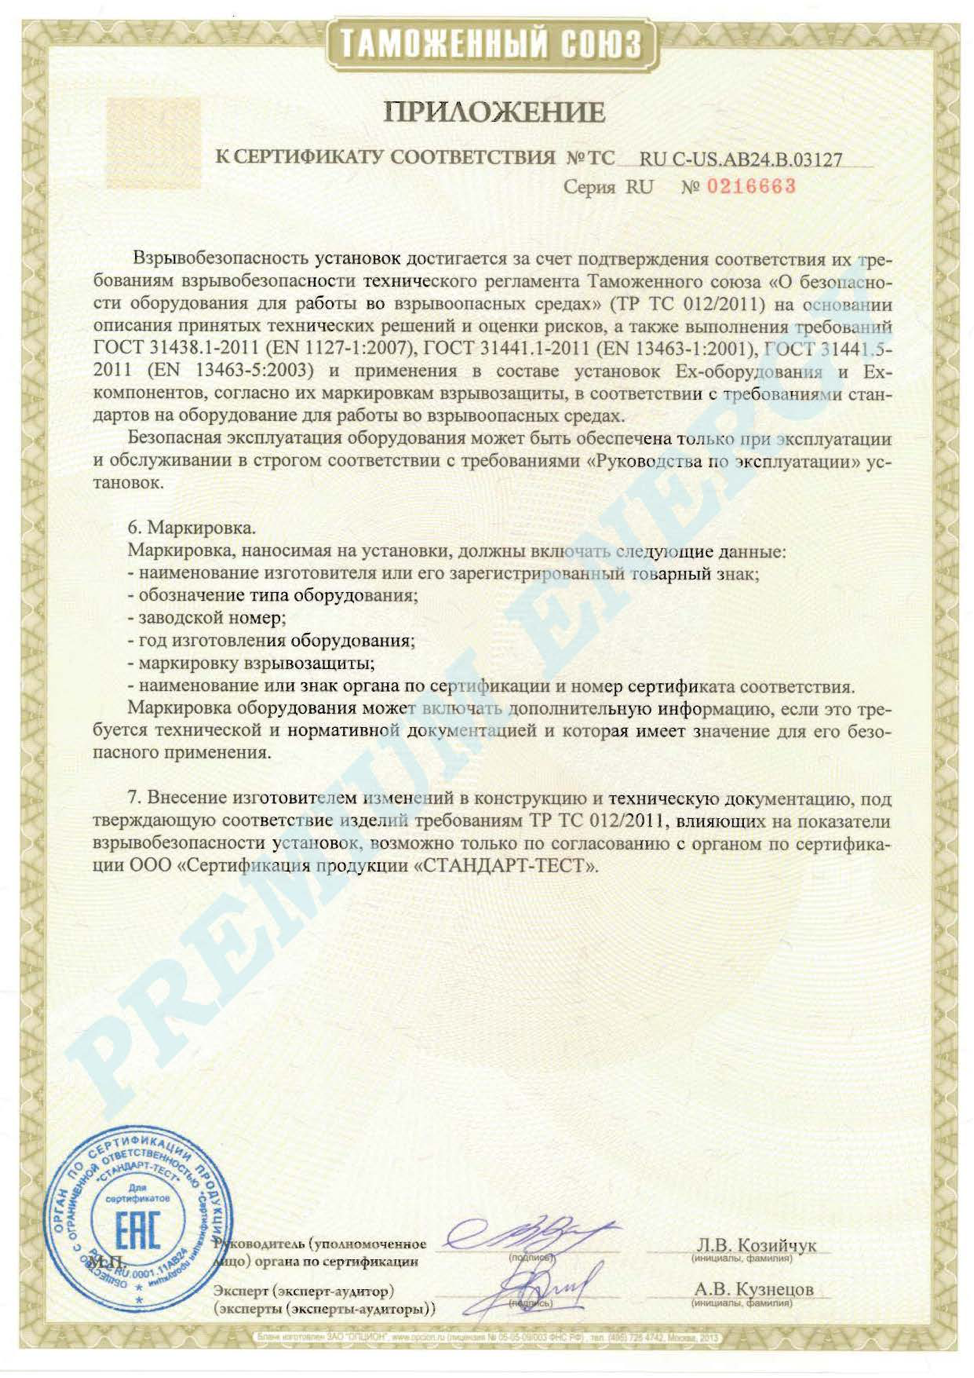 Стандарт тест сертификация официальная сертификация отелей